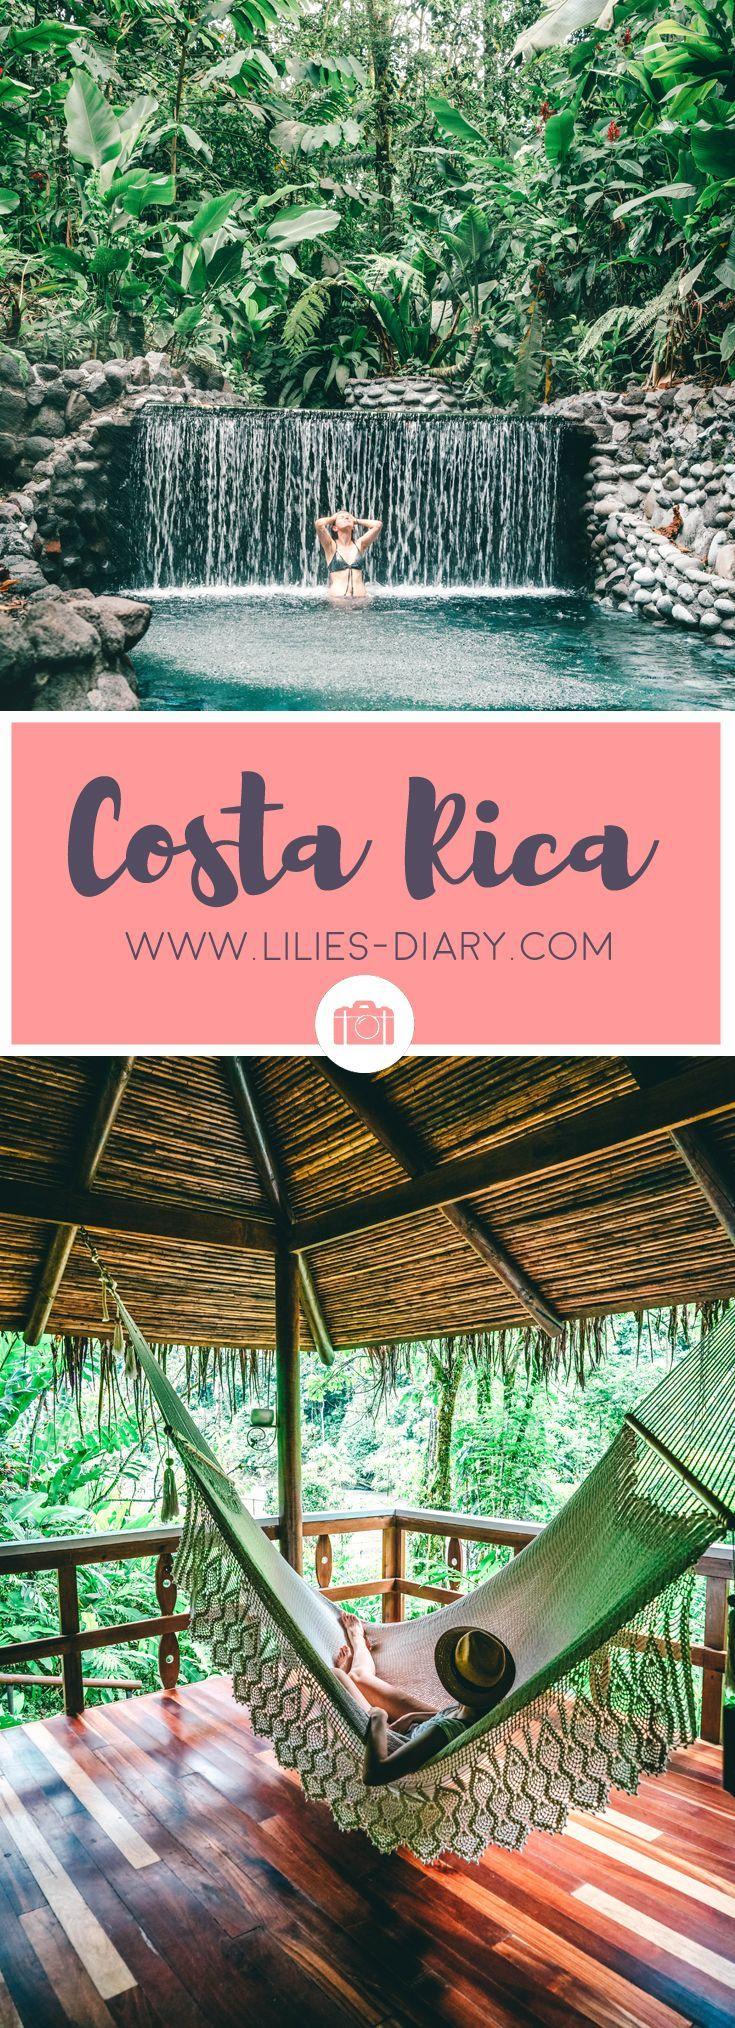 Costa Rica ist so ein wunderschönes Reiseziel. Ich verrate euch die schönsten Orte in Costa Rica und tolle Reisetipps!